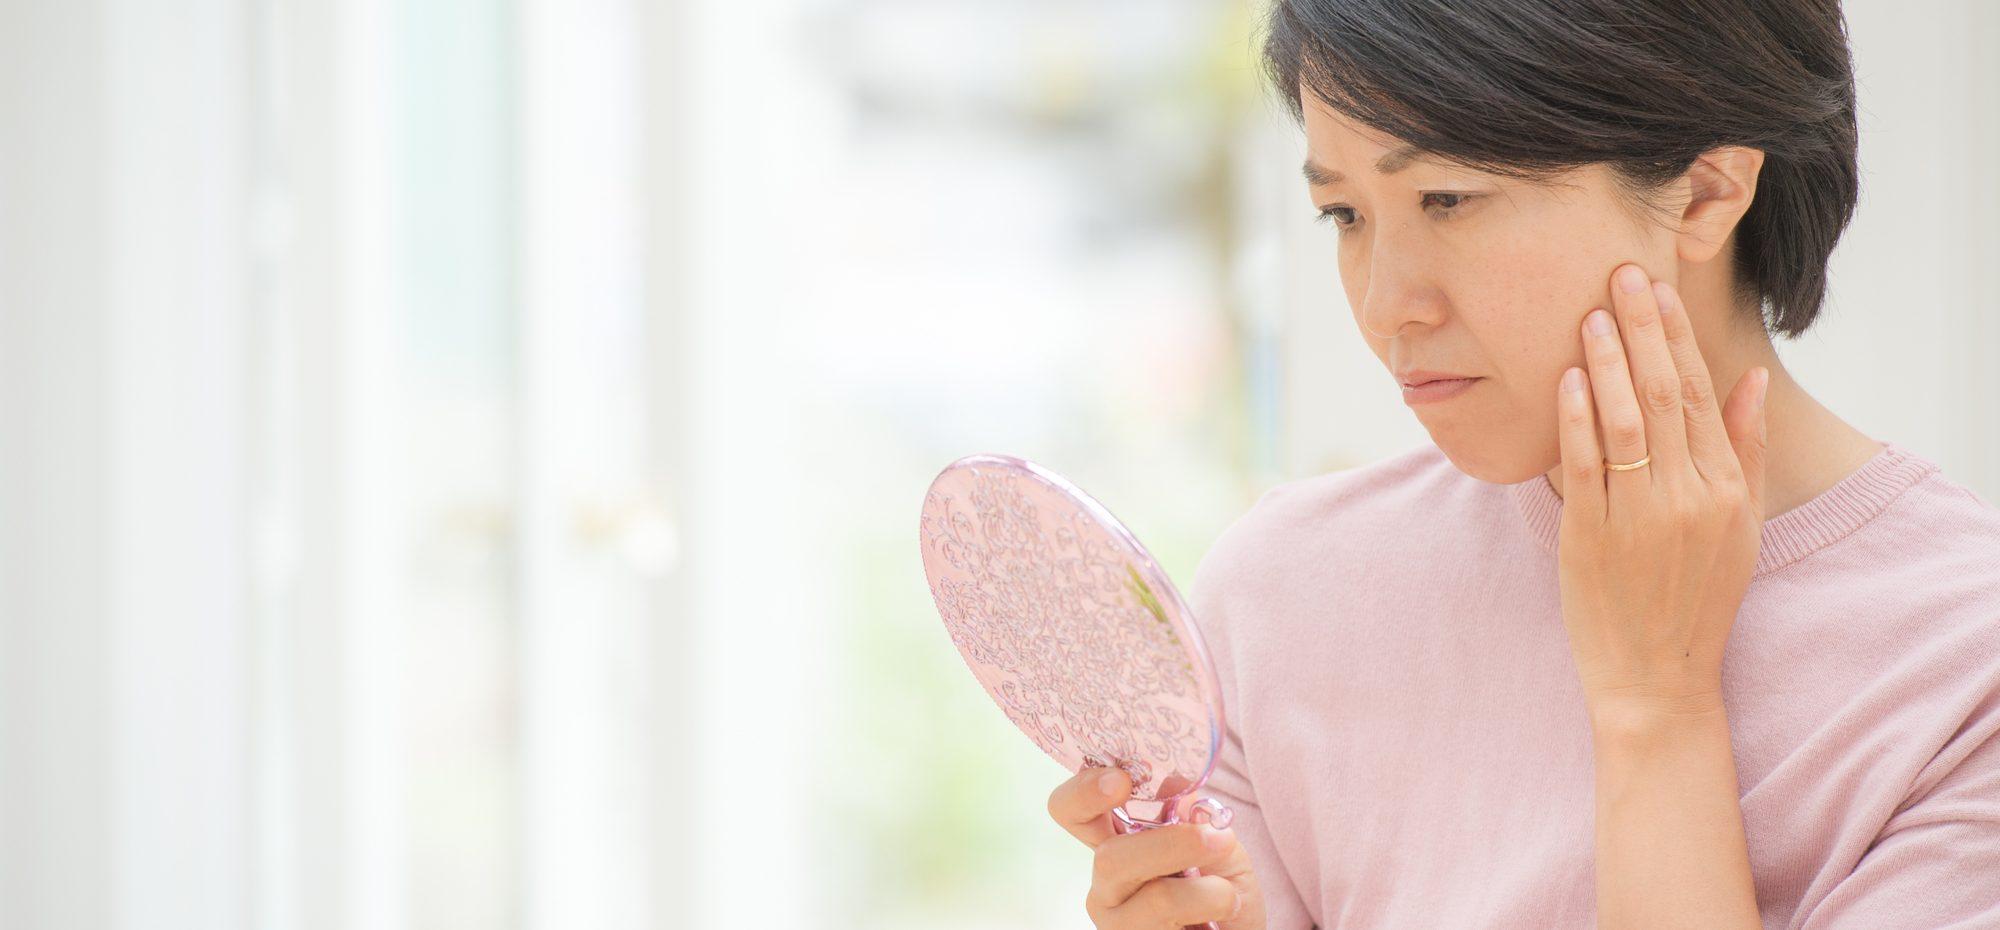 肌トラブル|川崎市で目の小じわ、ほうれい線、皮膚のたるみ